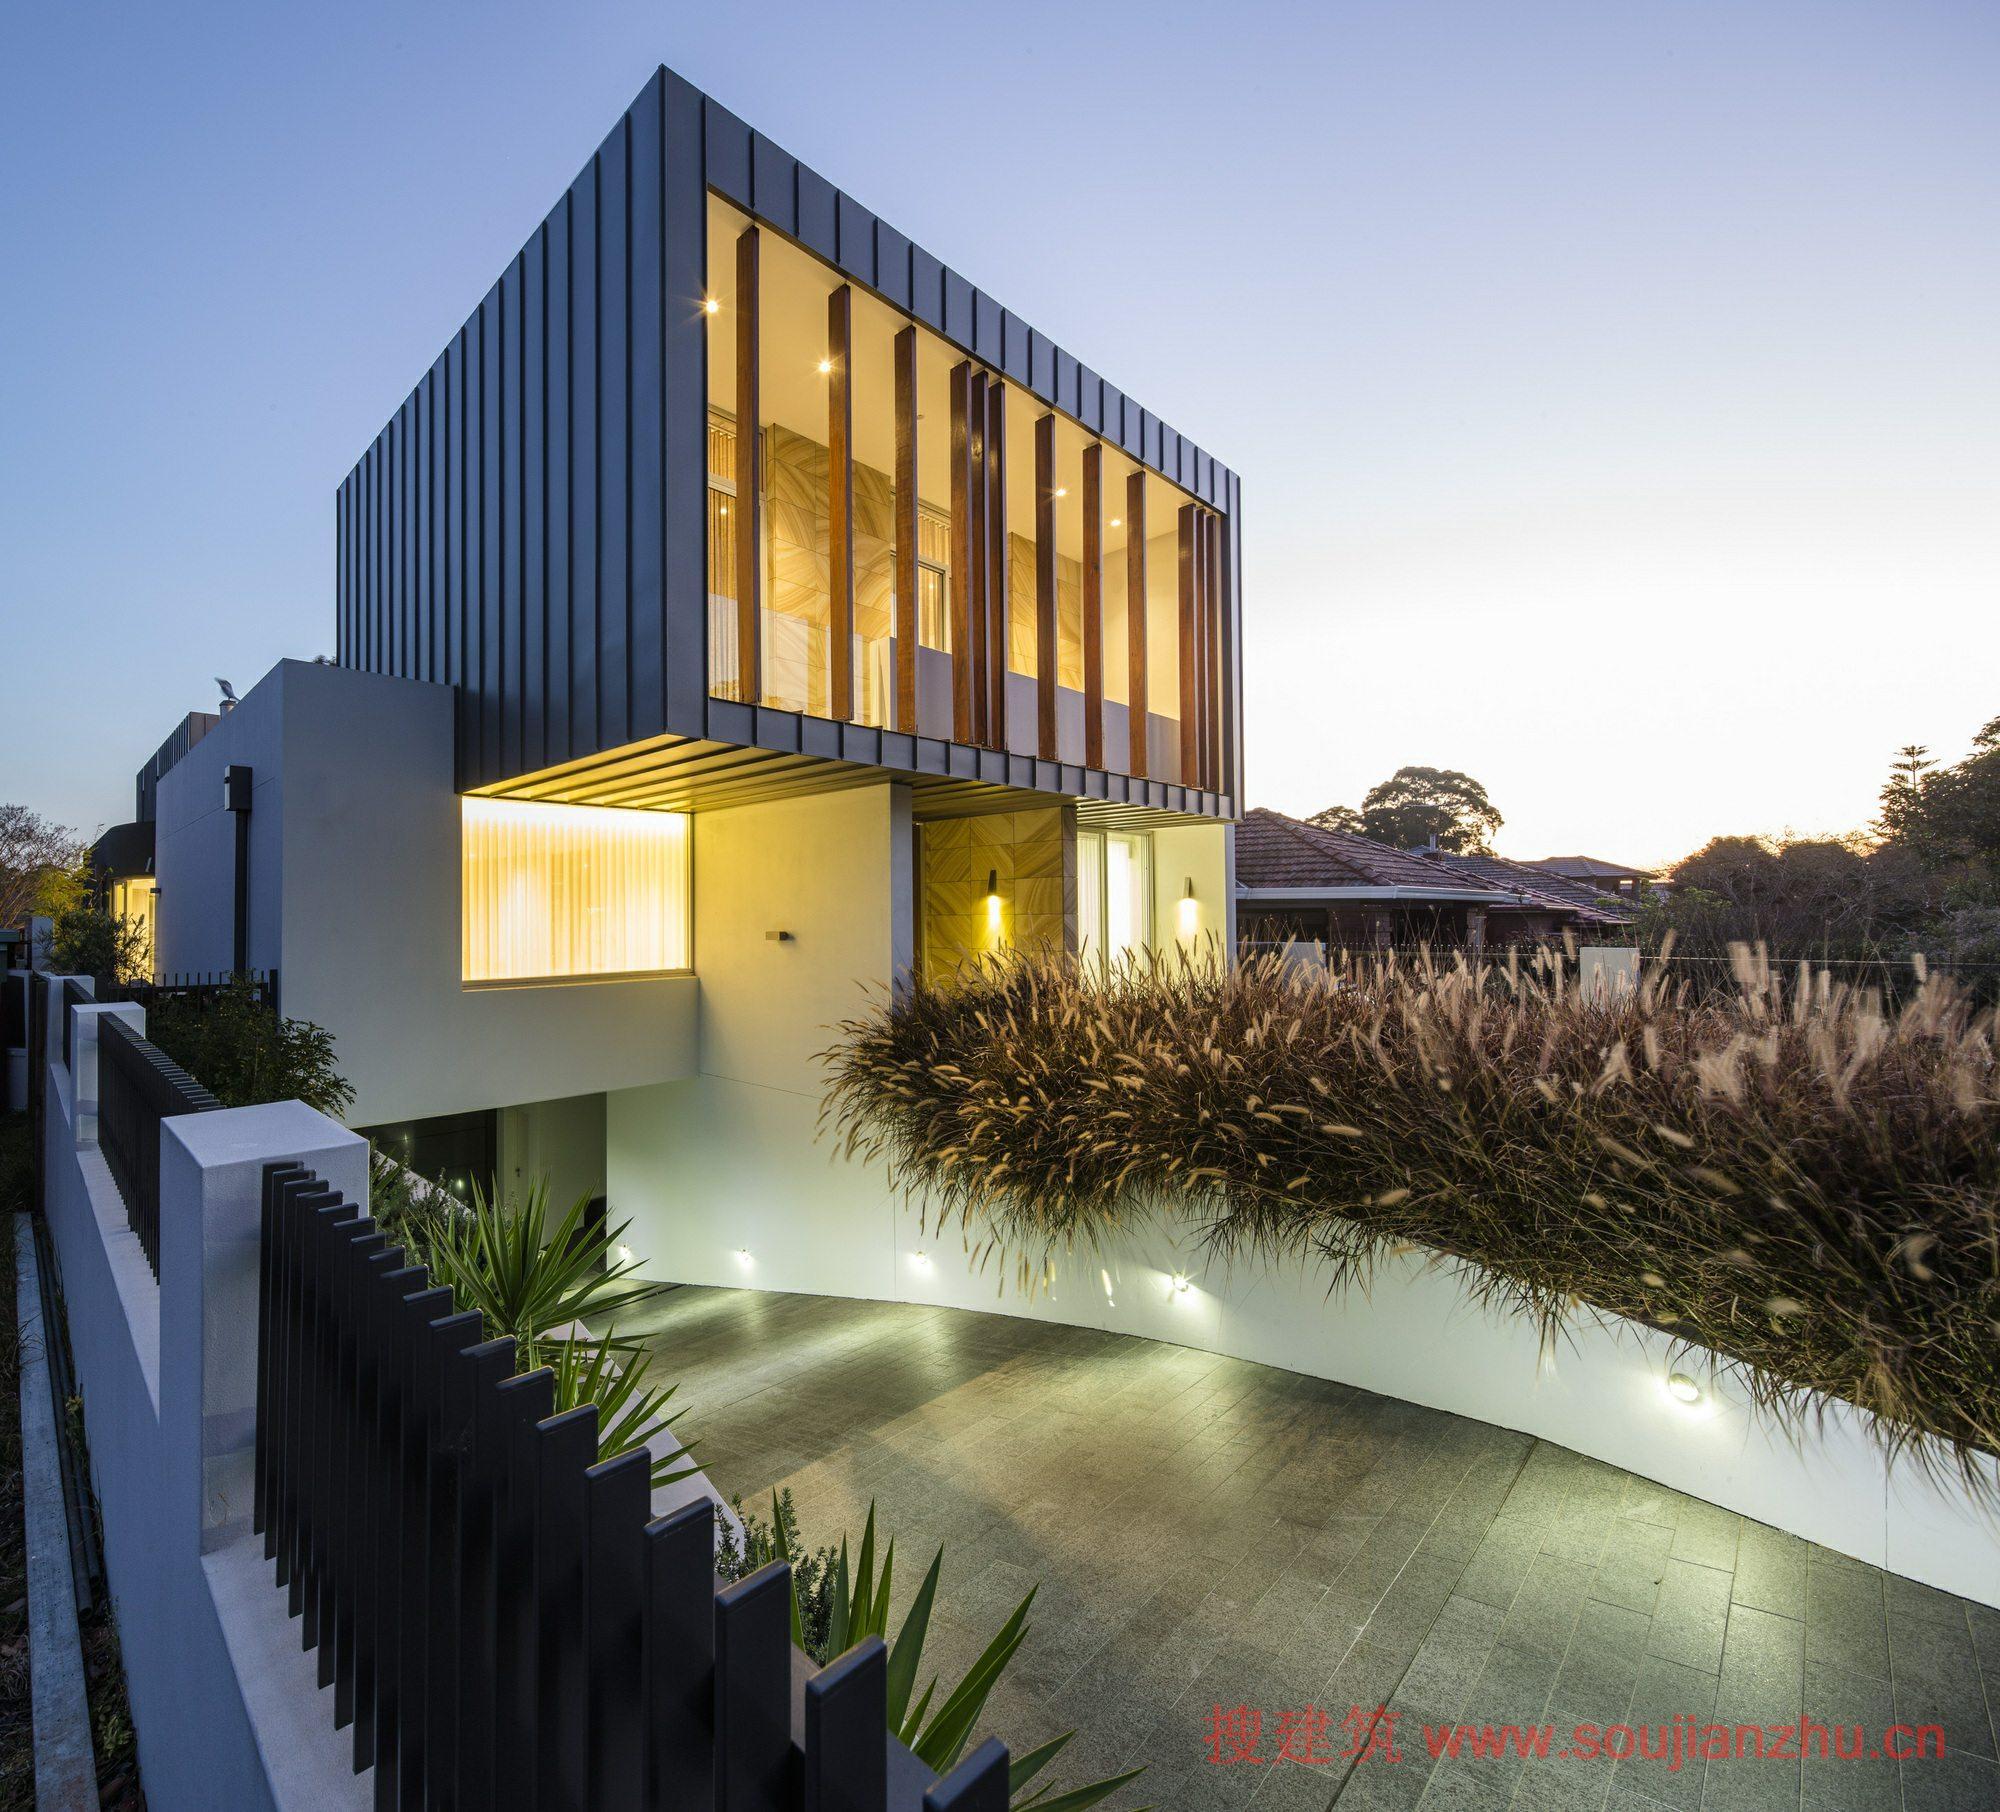 澳大利亚别墅毛坯---zoukarchitects家坪盒子别墅花图片